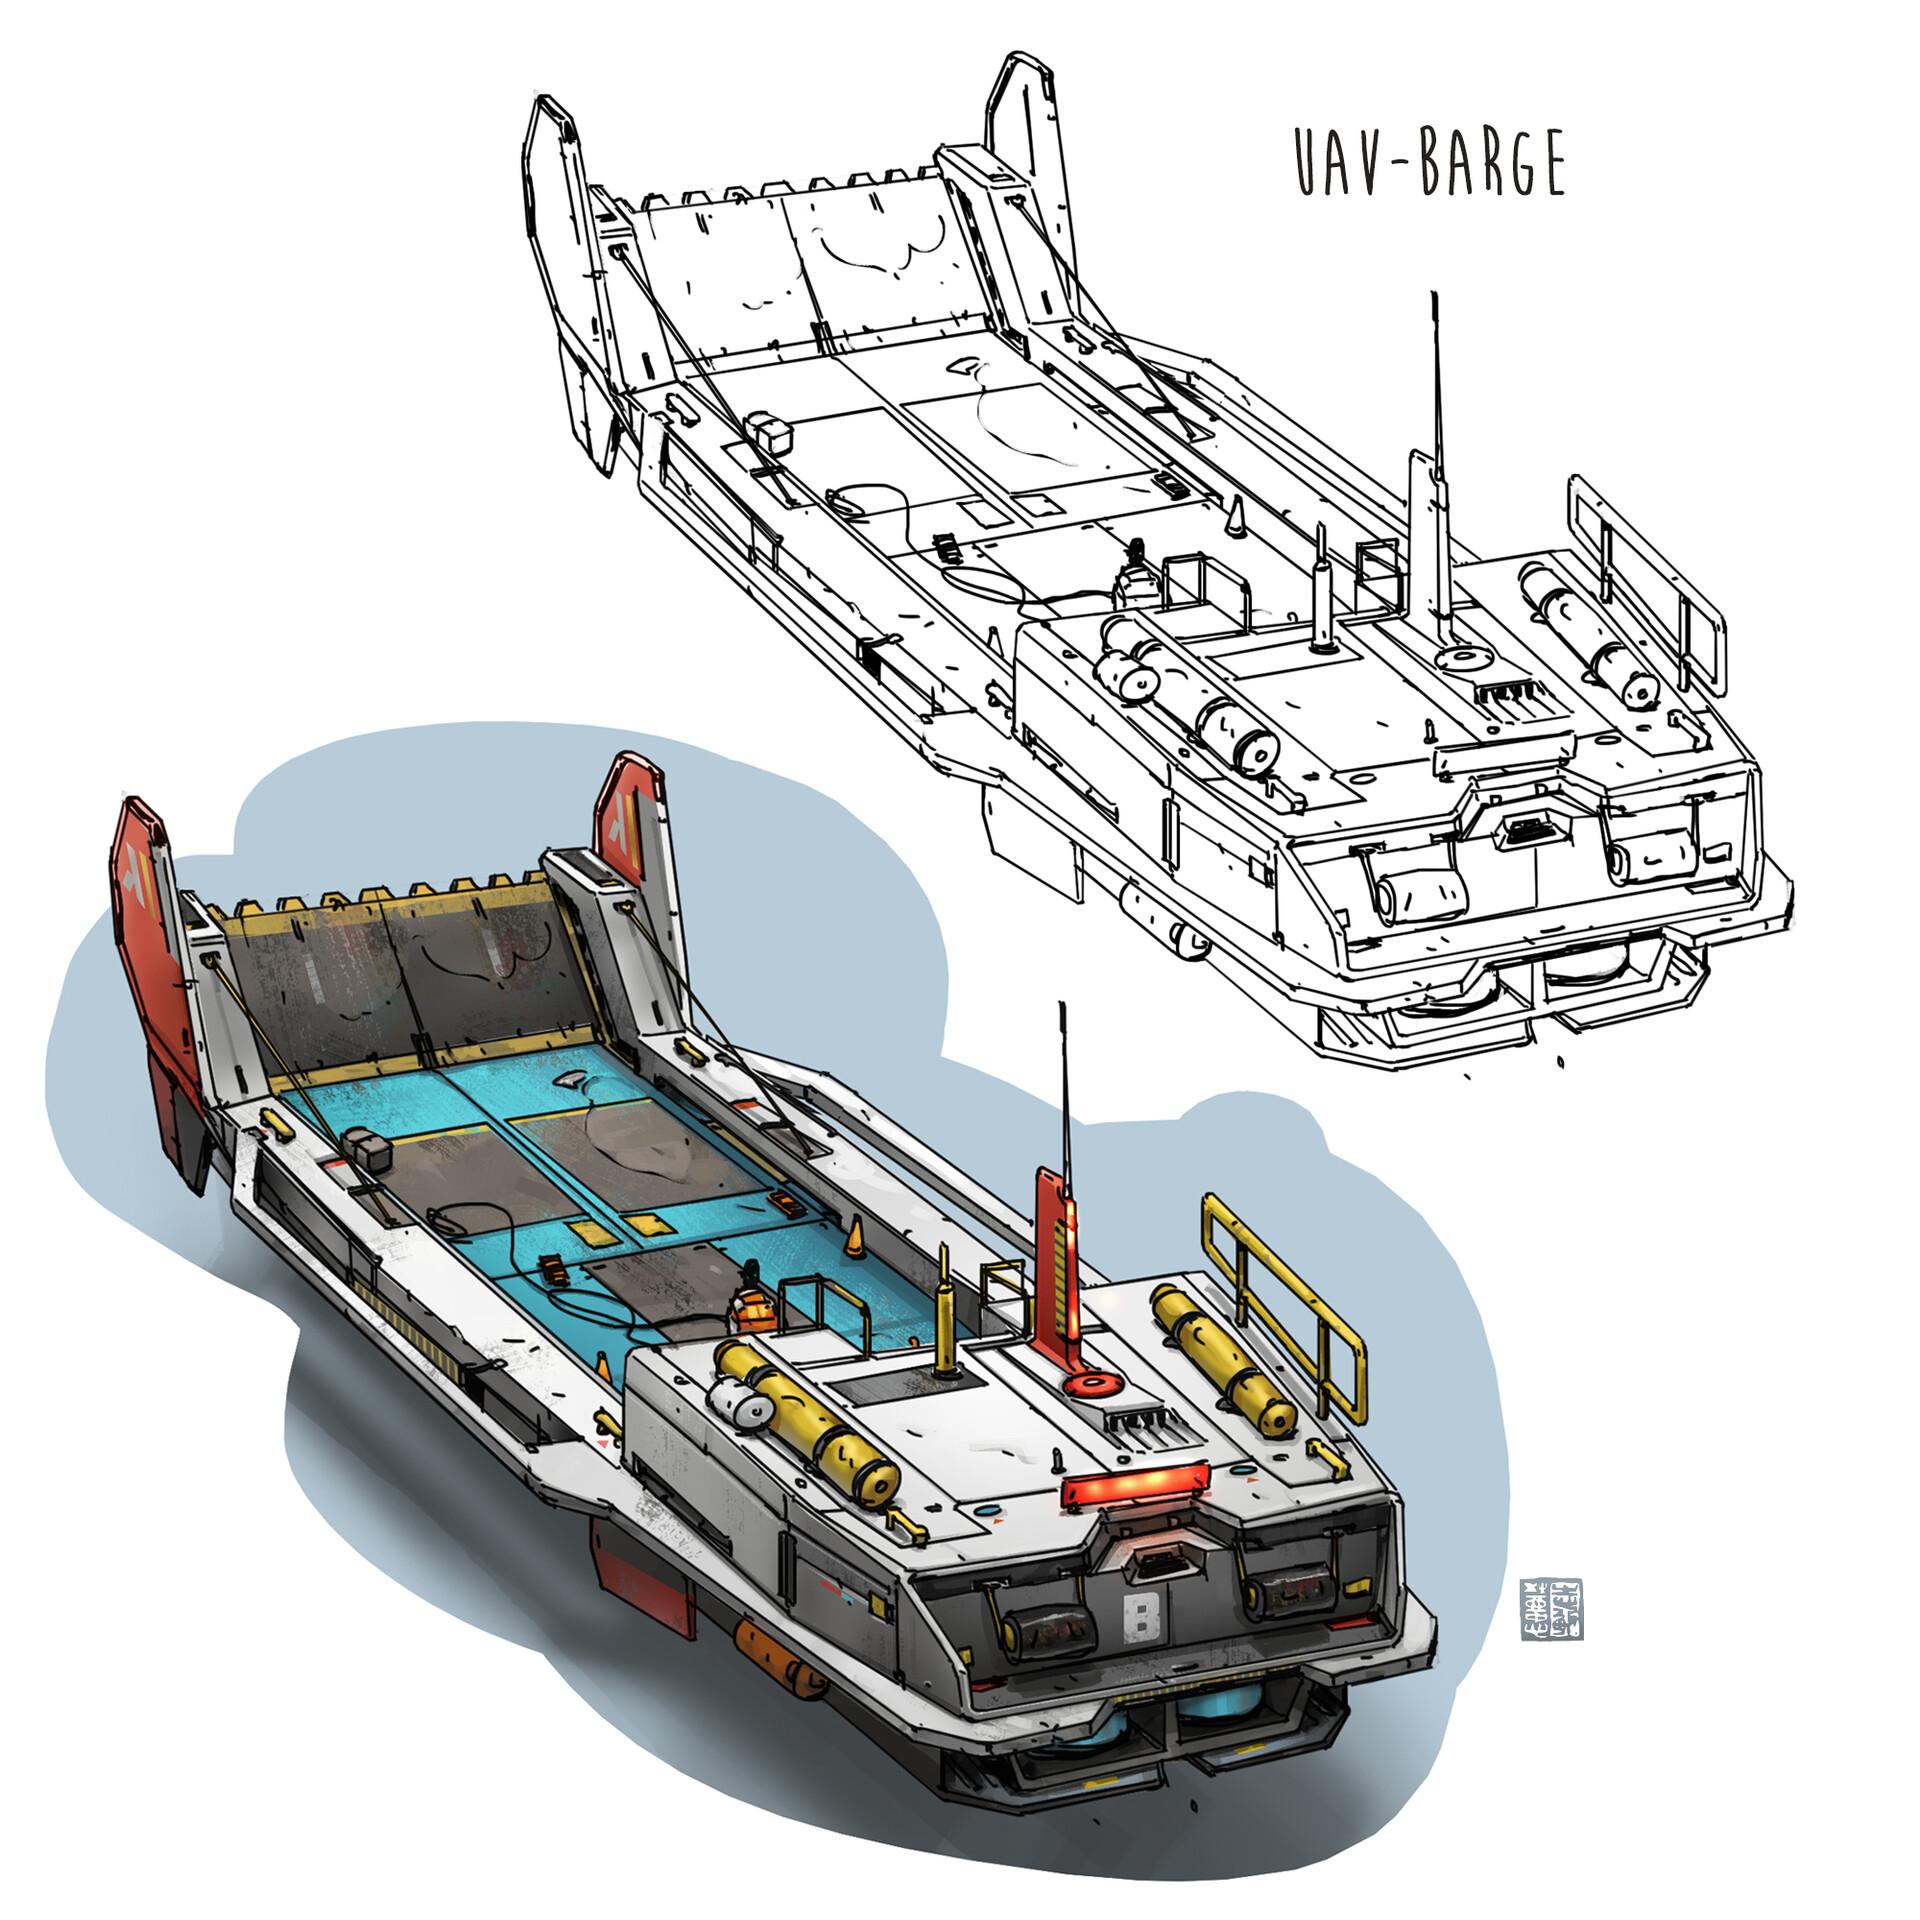 Autonomous hoverbarge